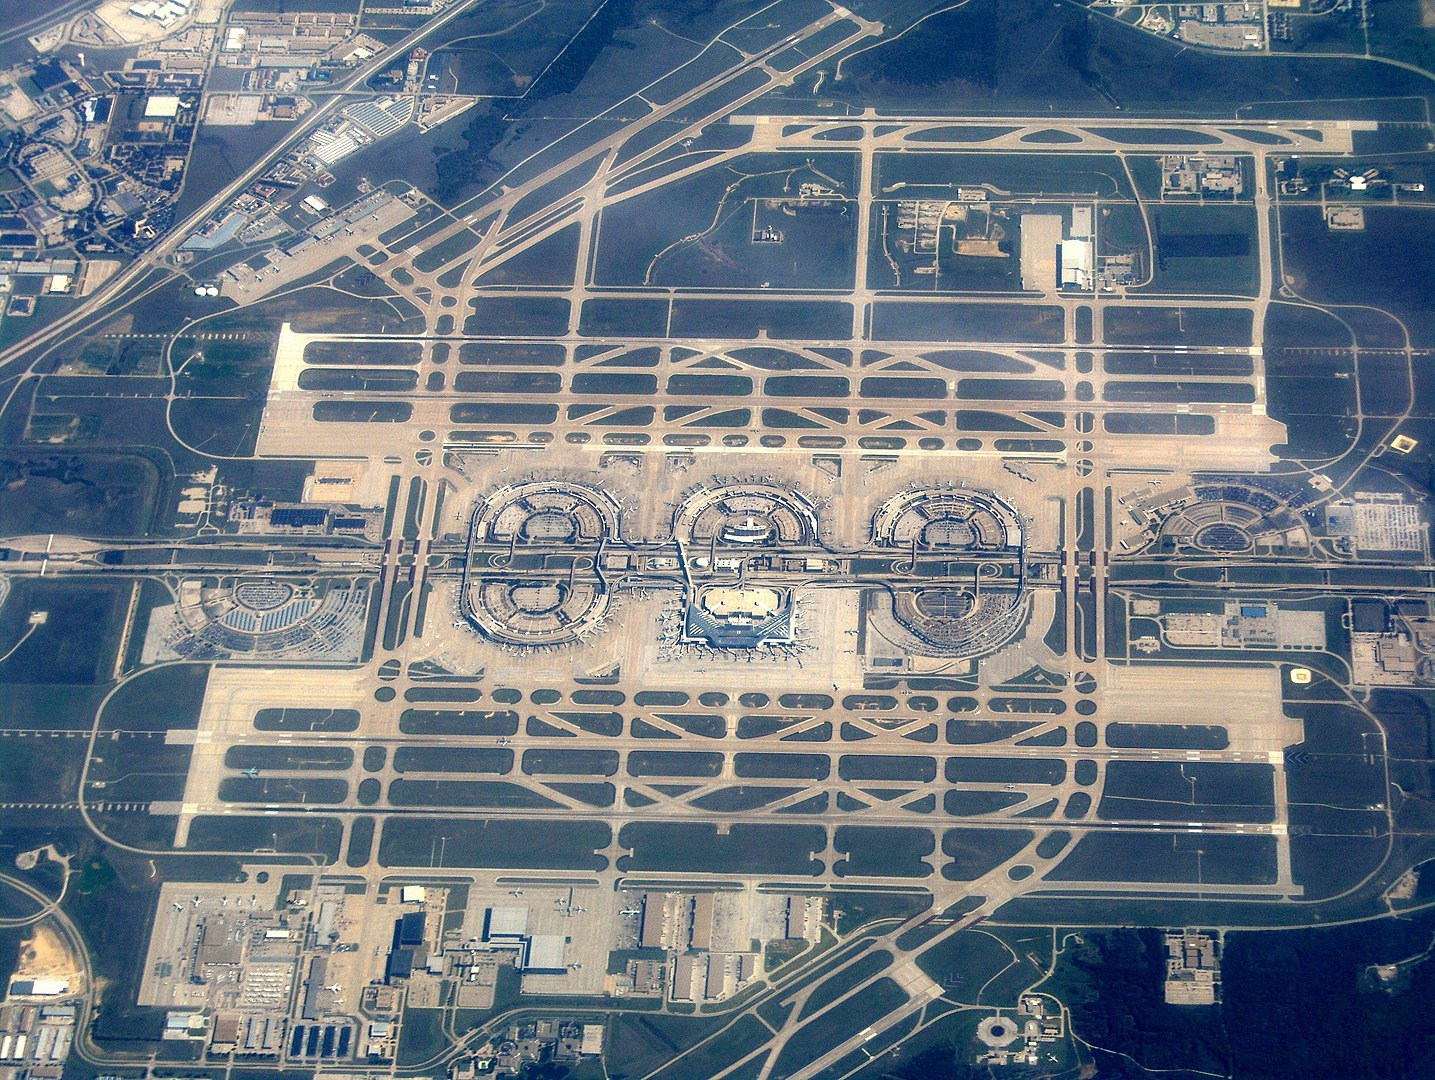 Aeroporto Internacional de Dallas-Fort Worth